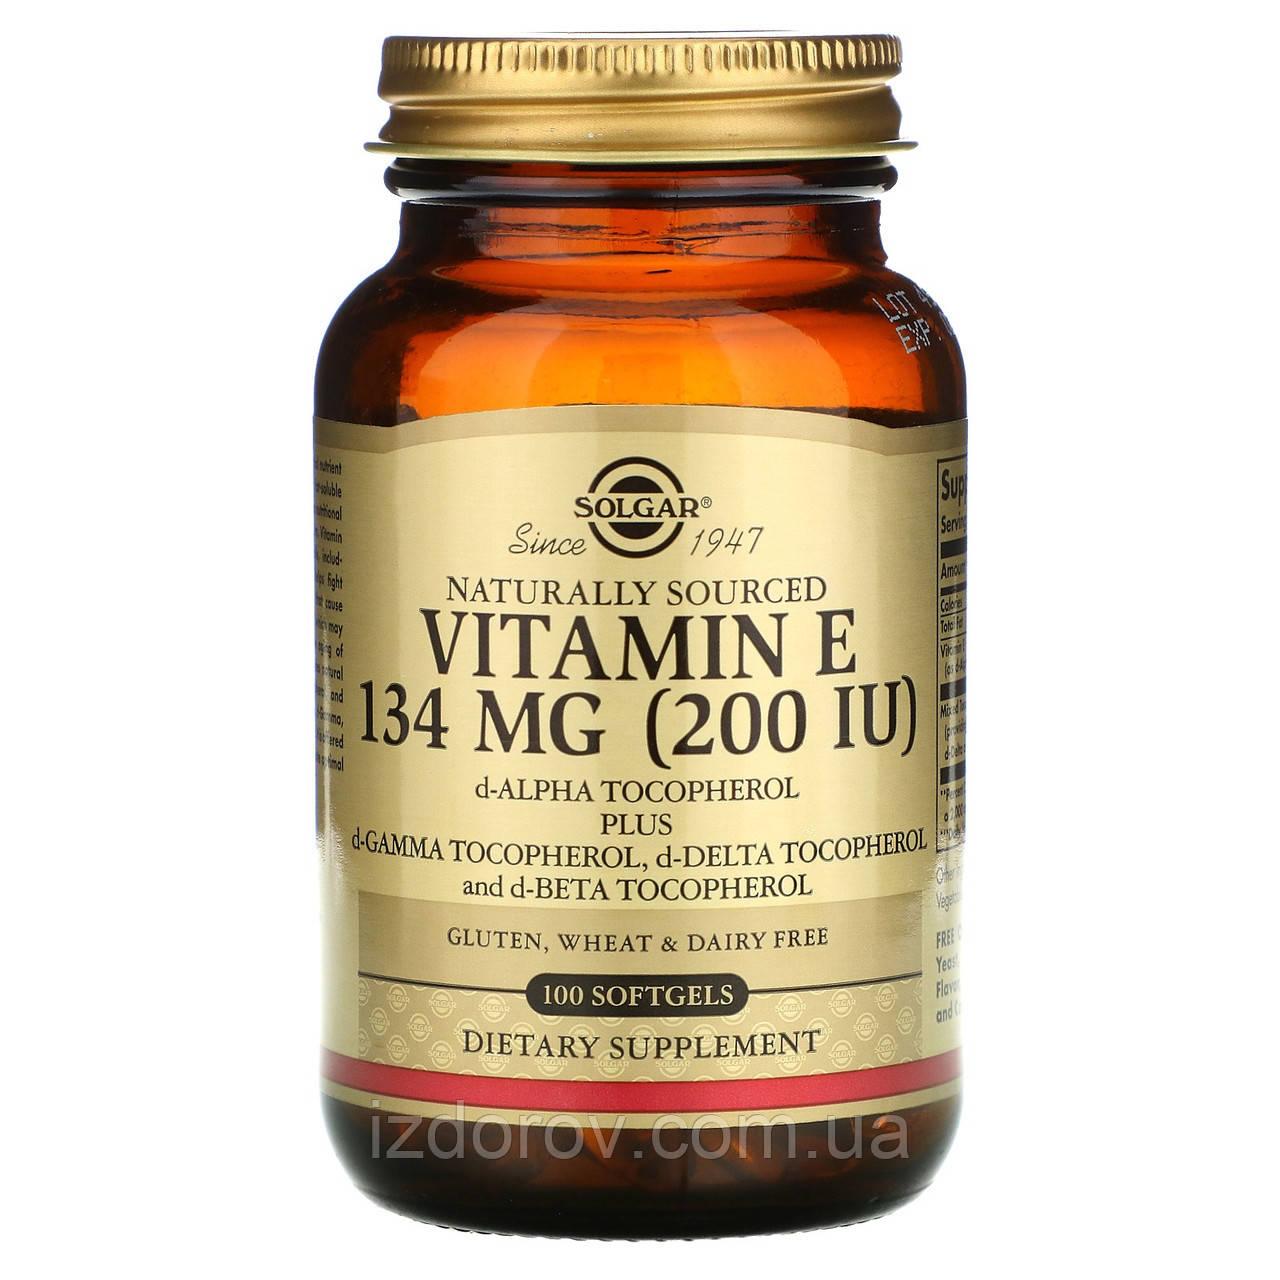 Solgar, Натуральний вітамін Е, 134 мг (200 МО), 100 капсул